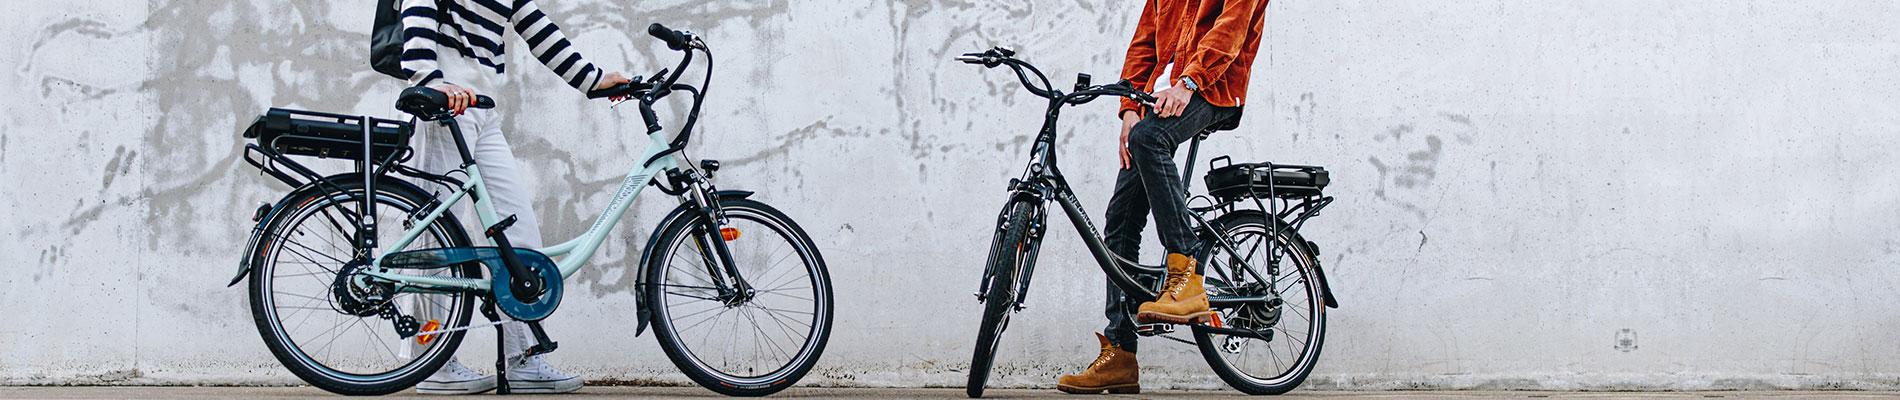 bicicletas elétricas banner VoltStore